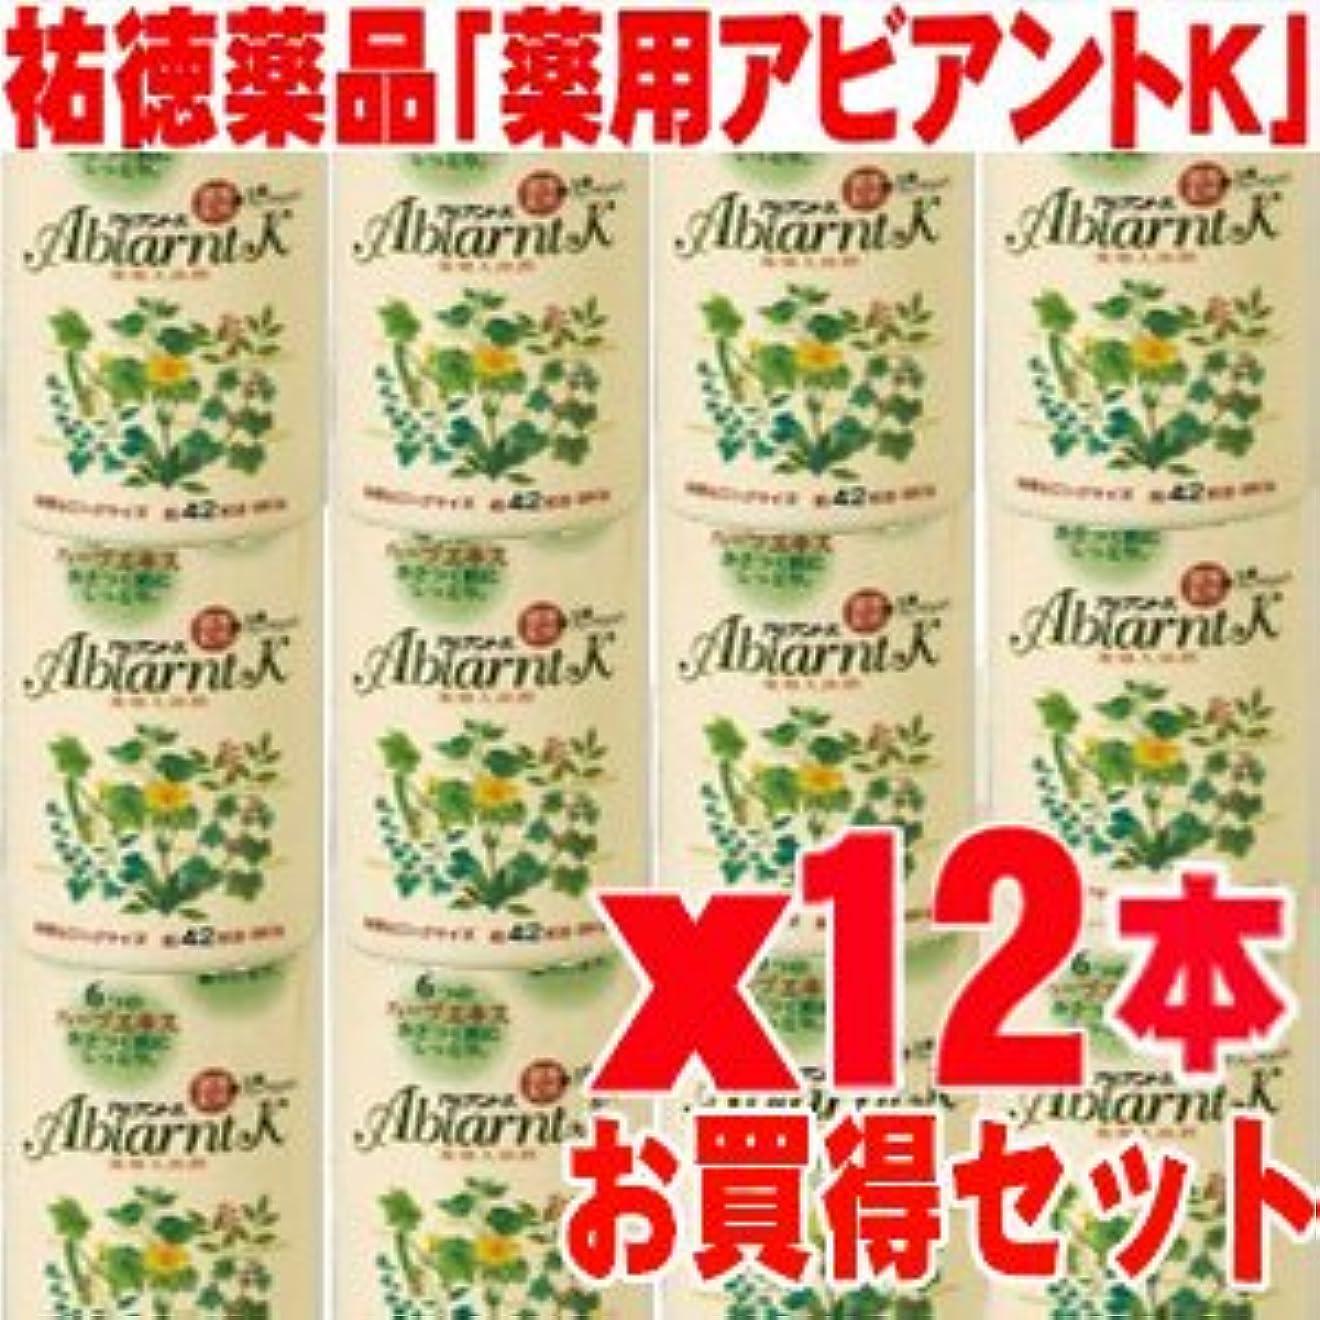 印をつける神話言語アビアントK 薬用入浴剤 850gx12本 (総合計10.2kg)4987235024123